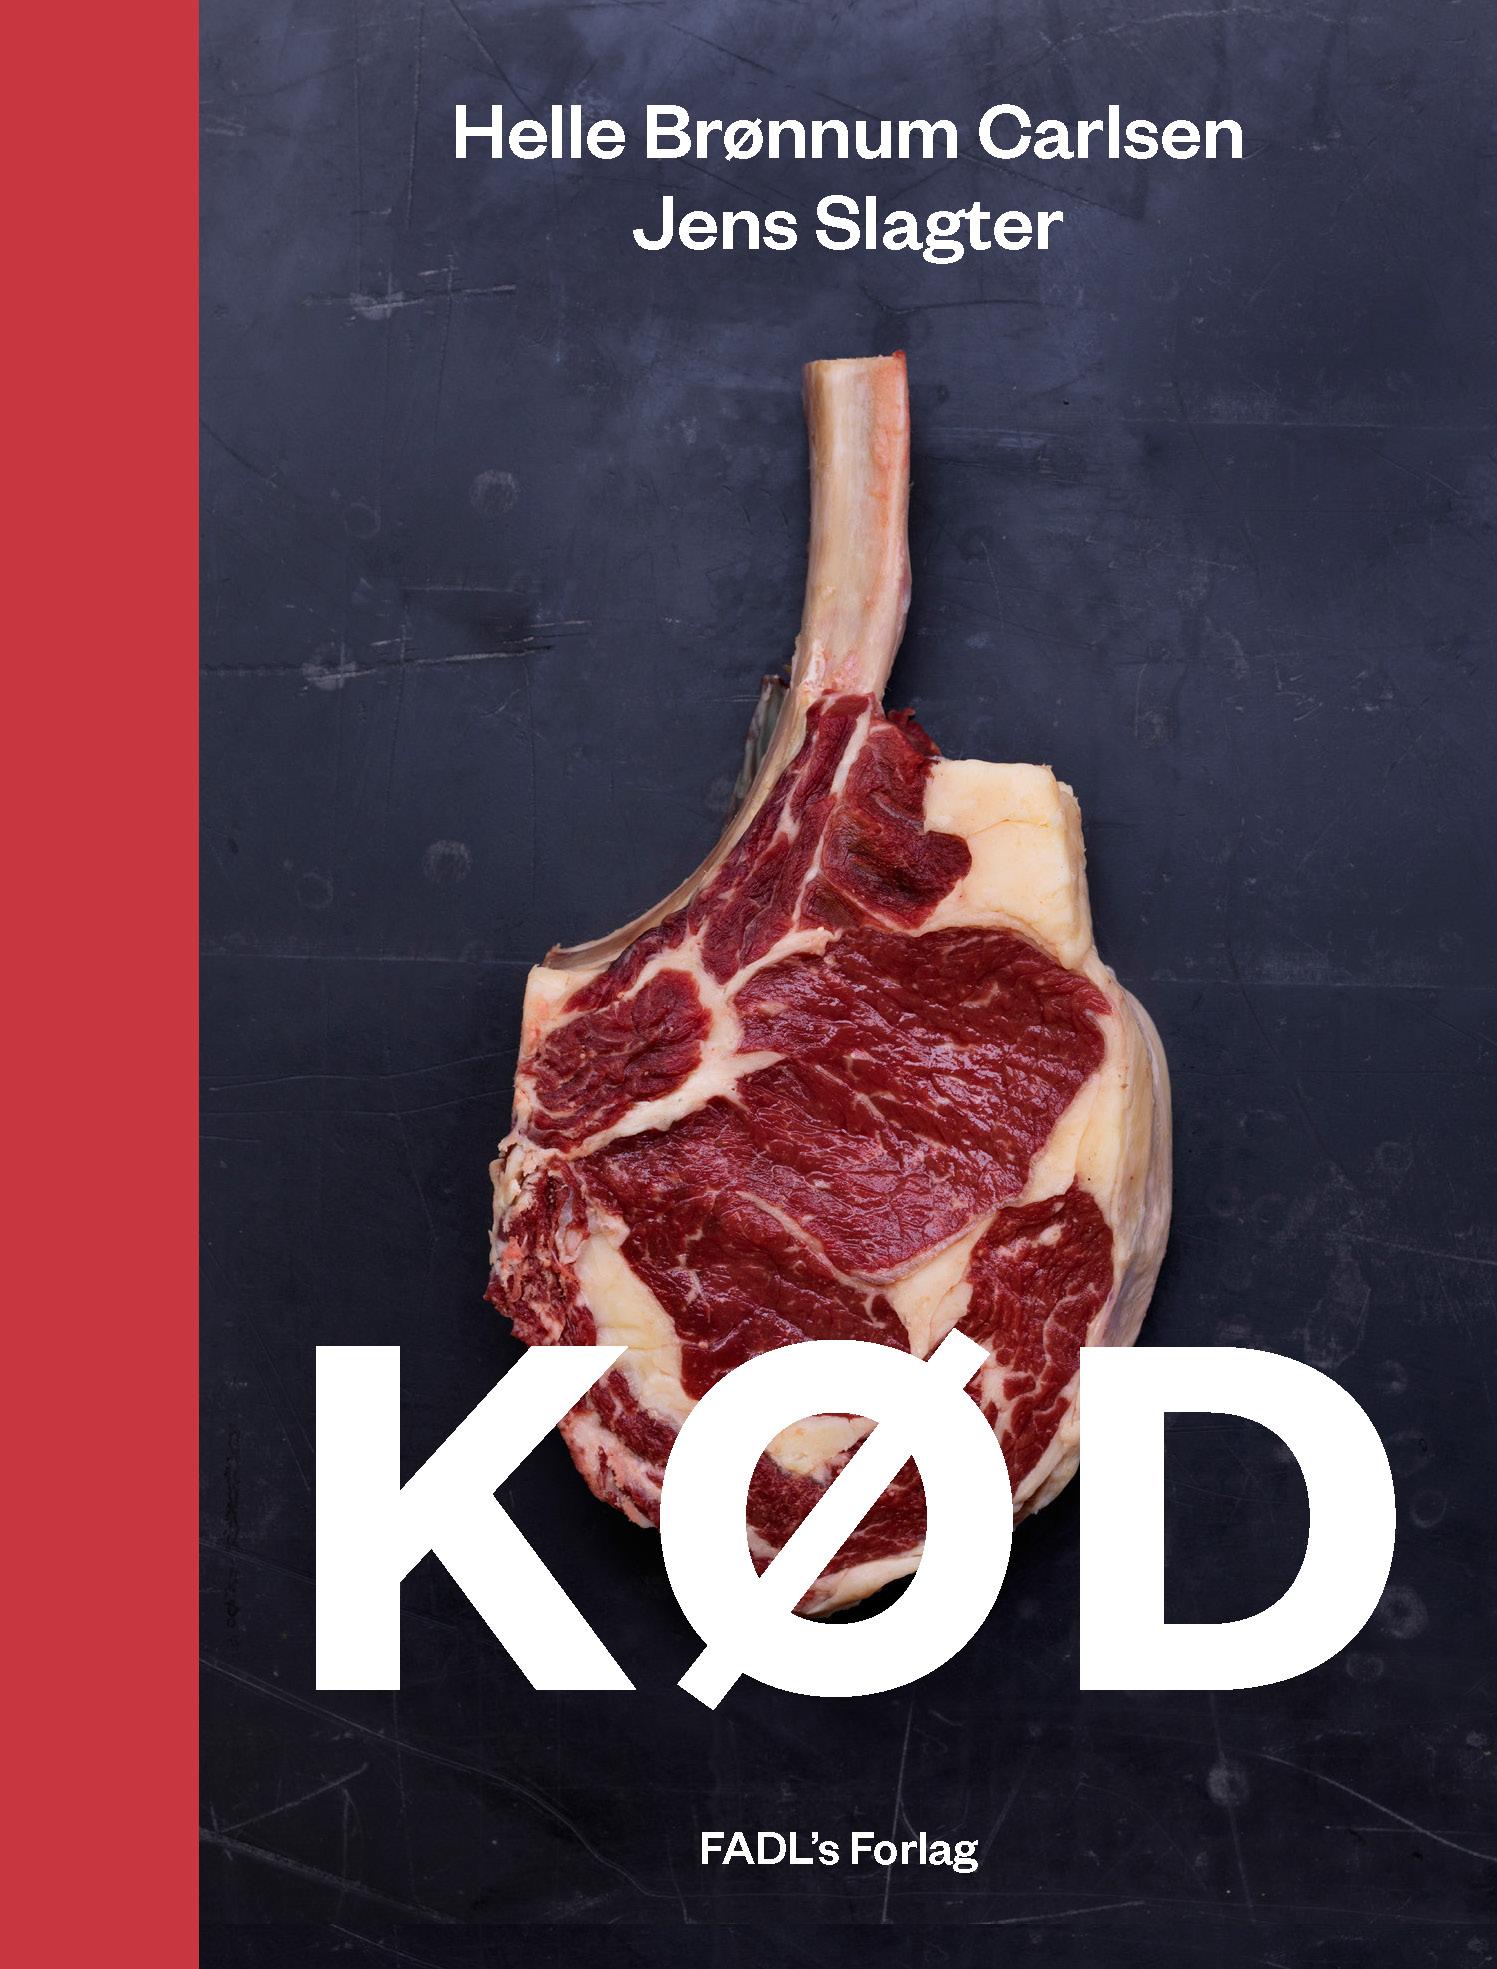 Billedresultat for kød fadl forlag